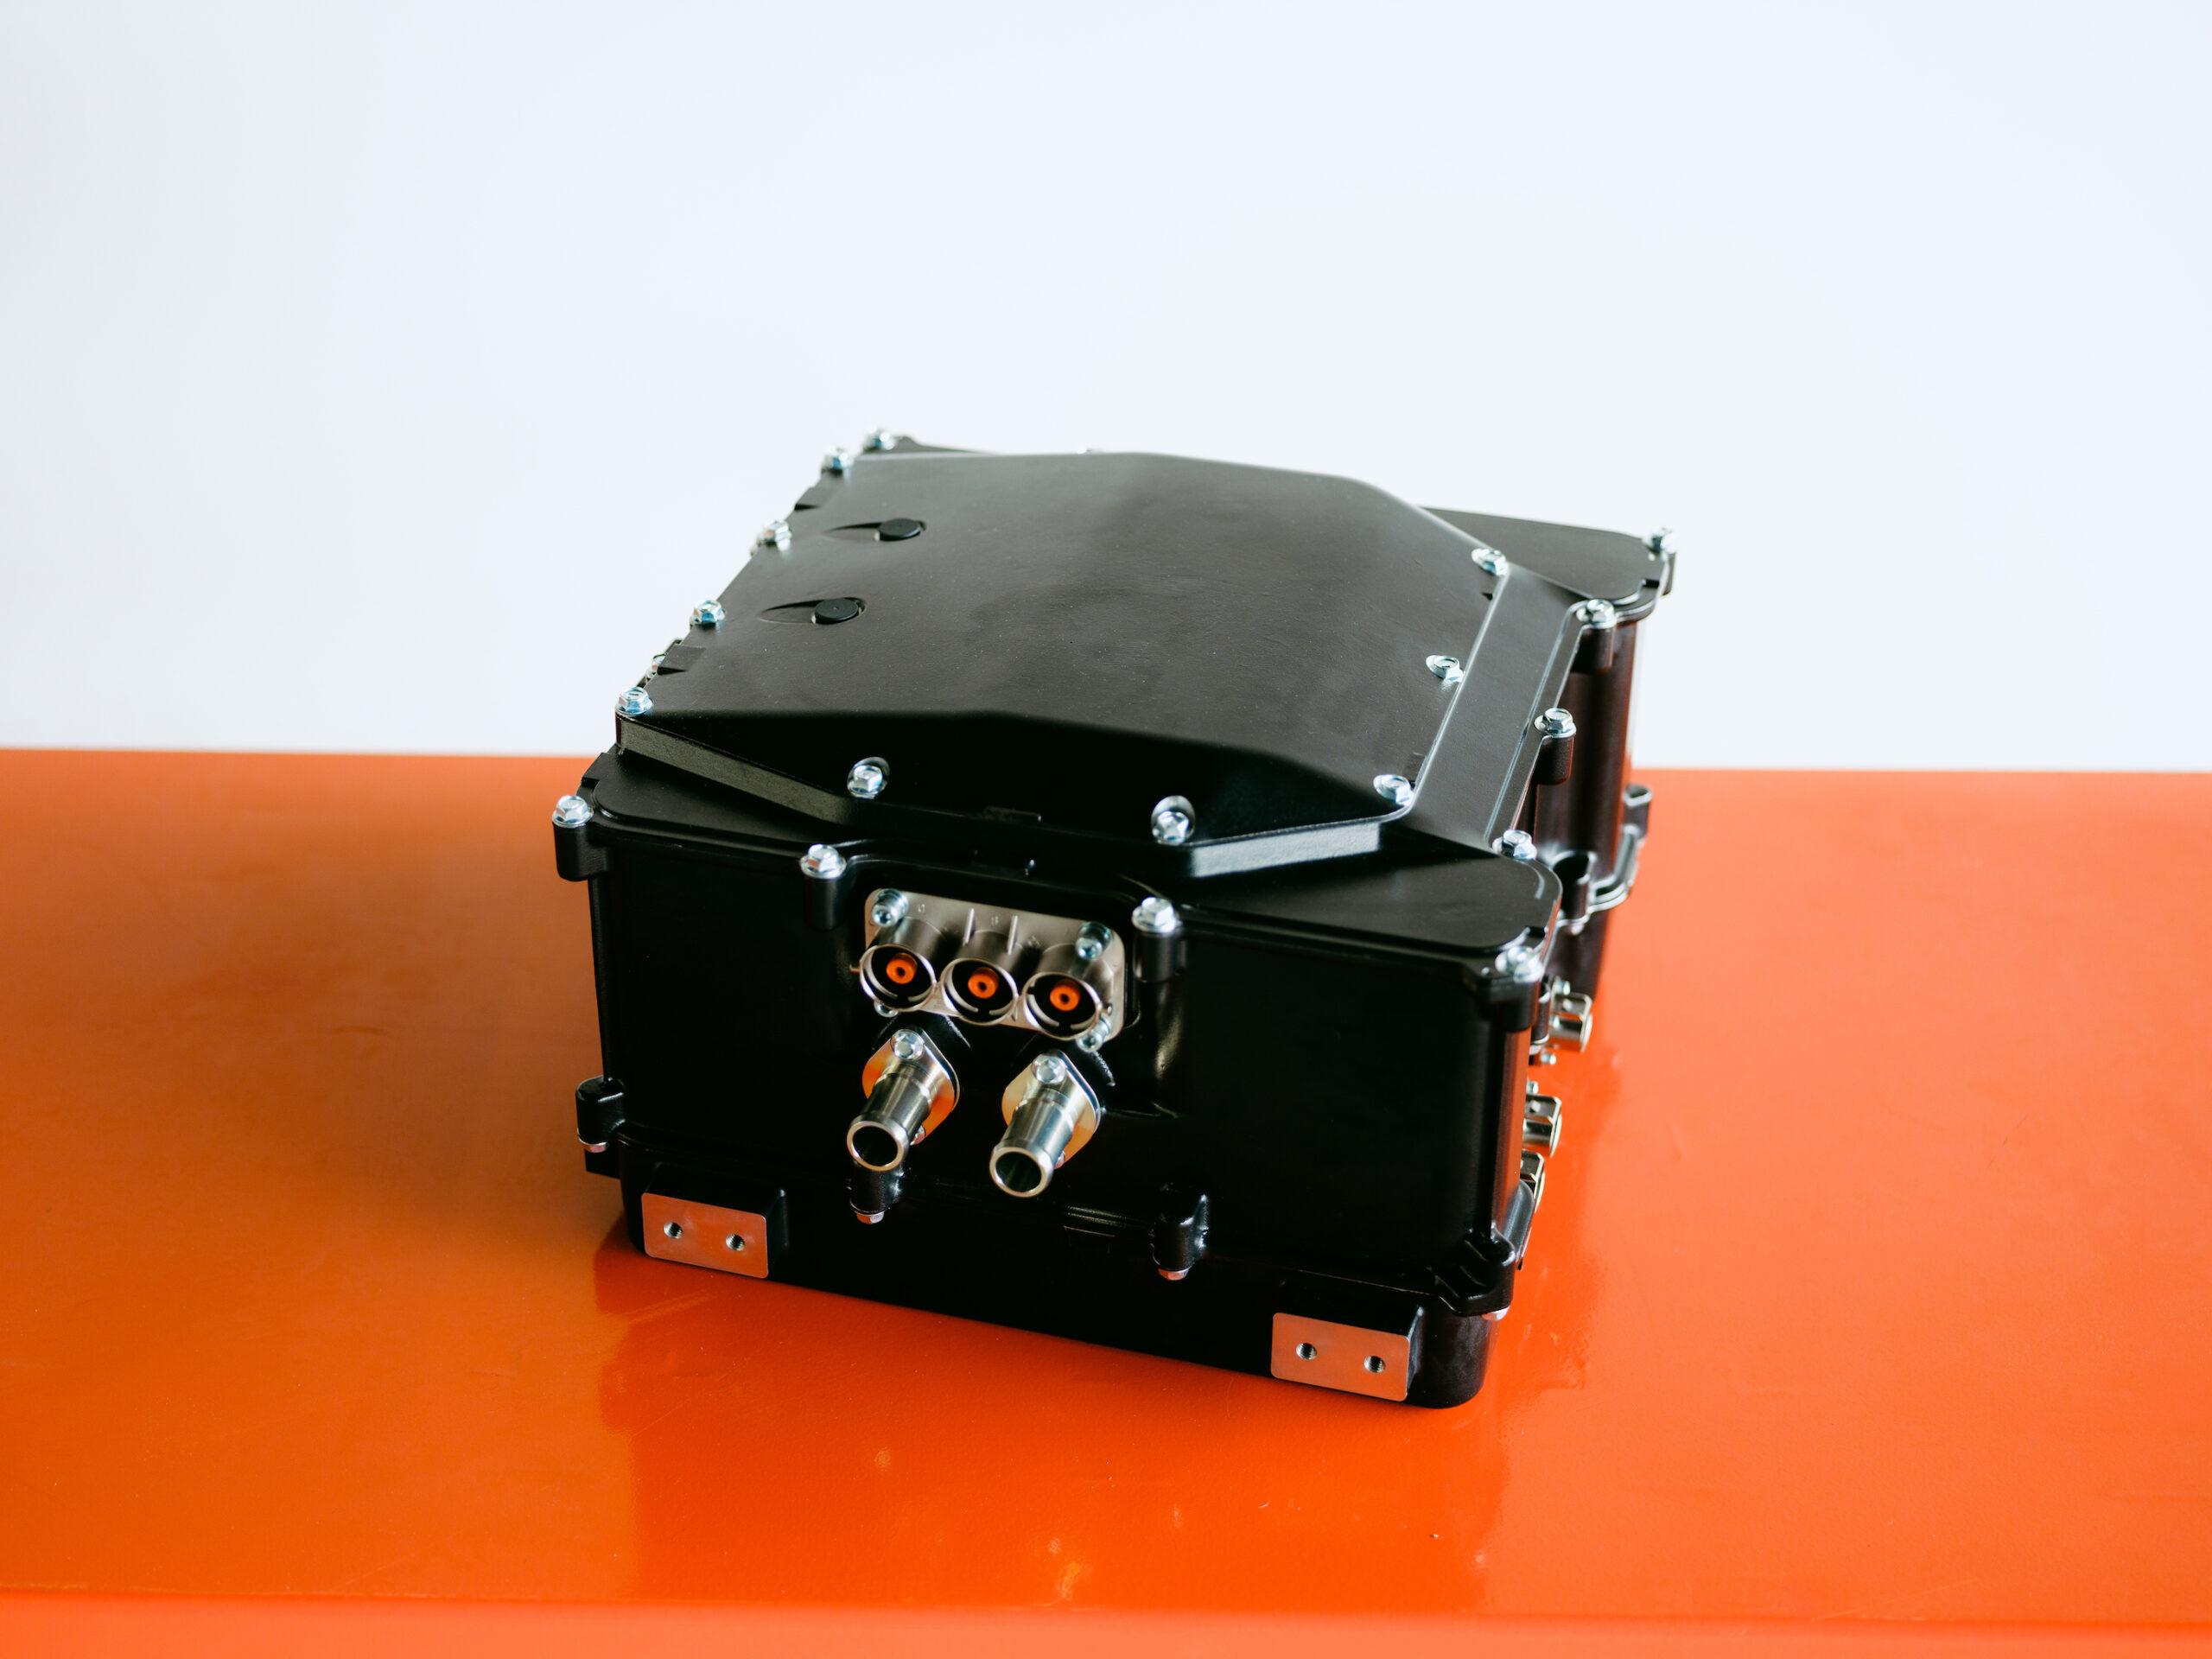 力世纪宣布与ROHM共同完成新一代碳化矽双逆变器800V系统首个原型